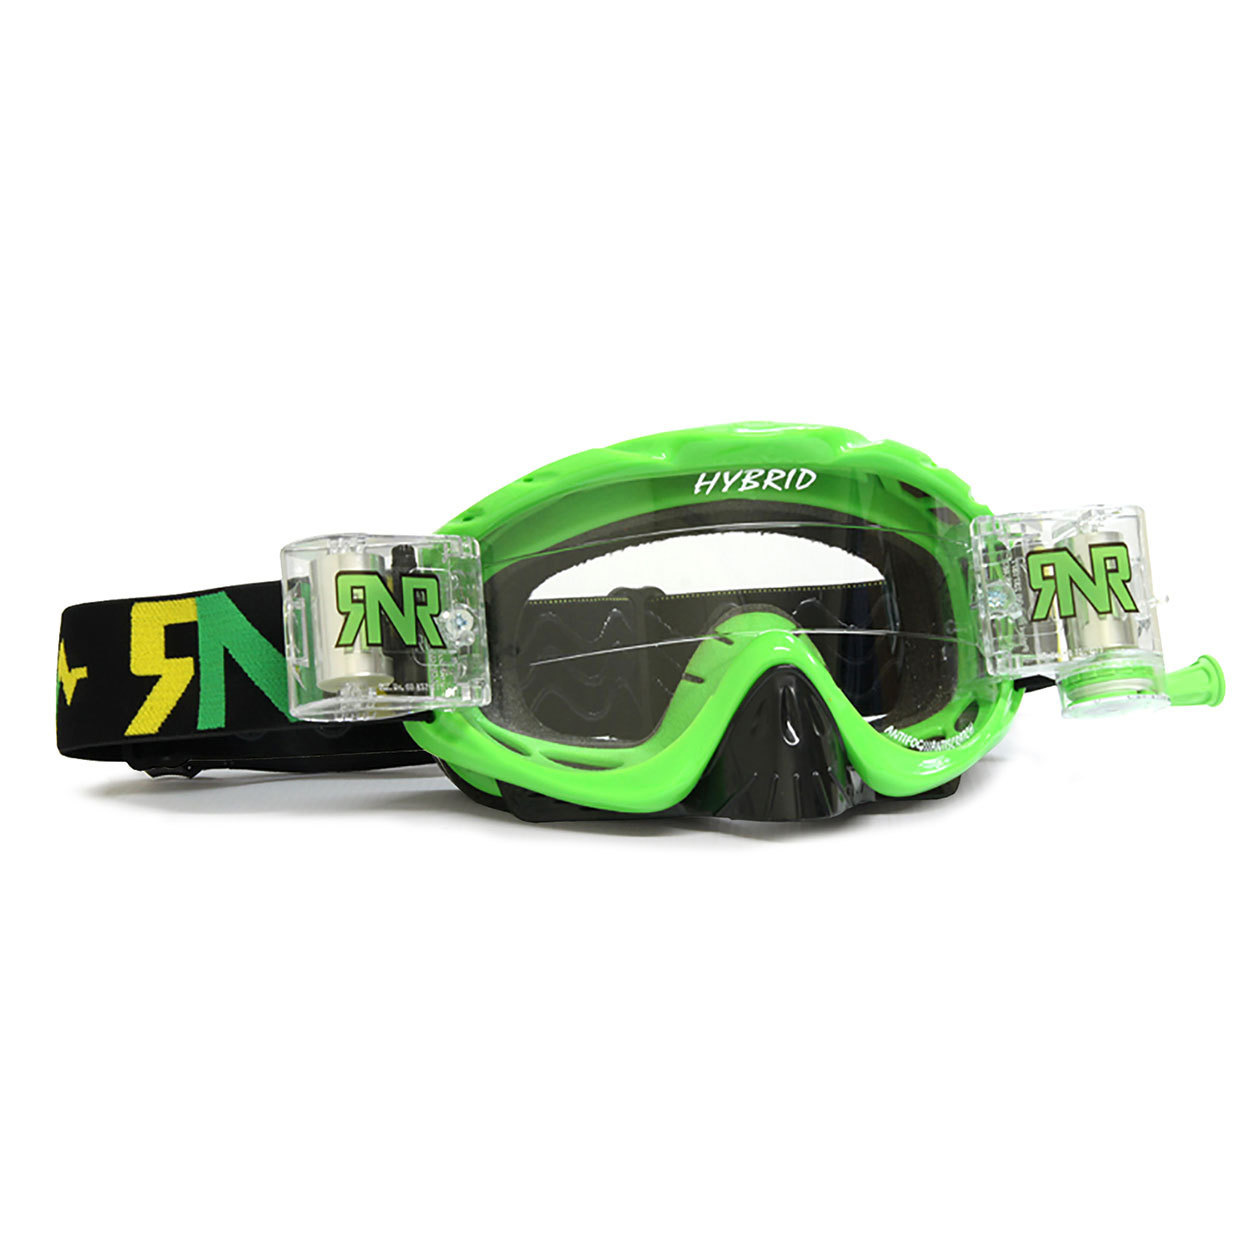 RNR Crossbril Racerpack Hybrid - Lime Groen